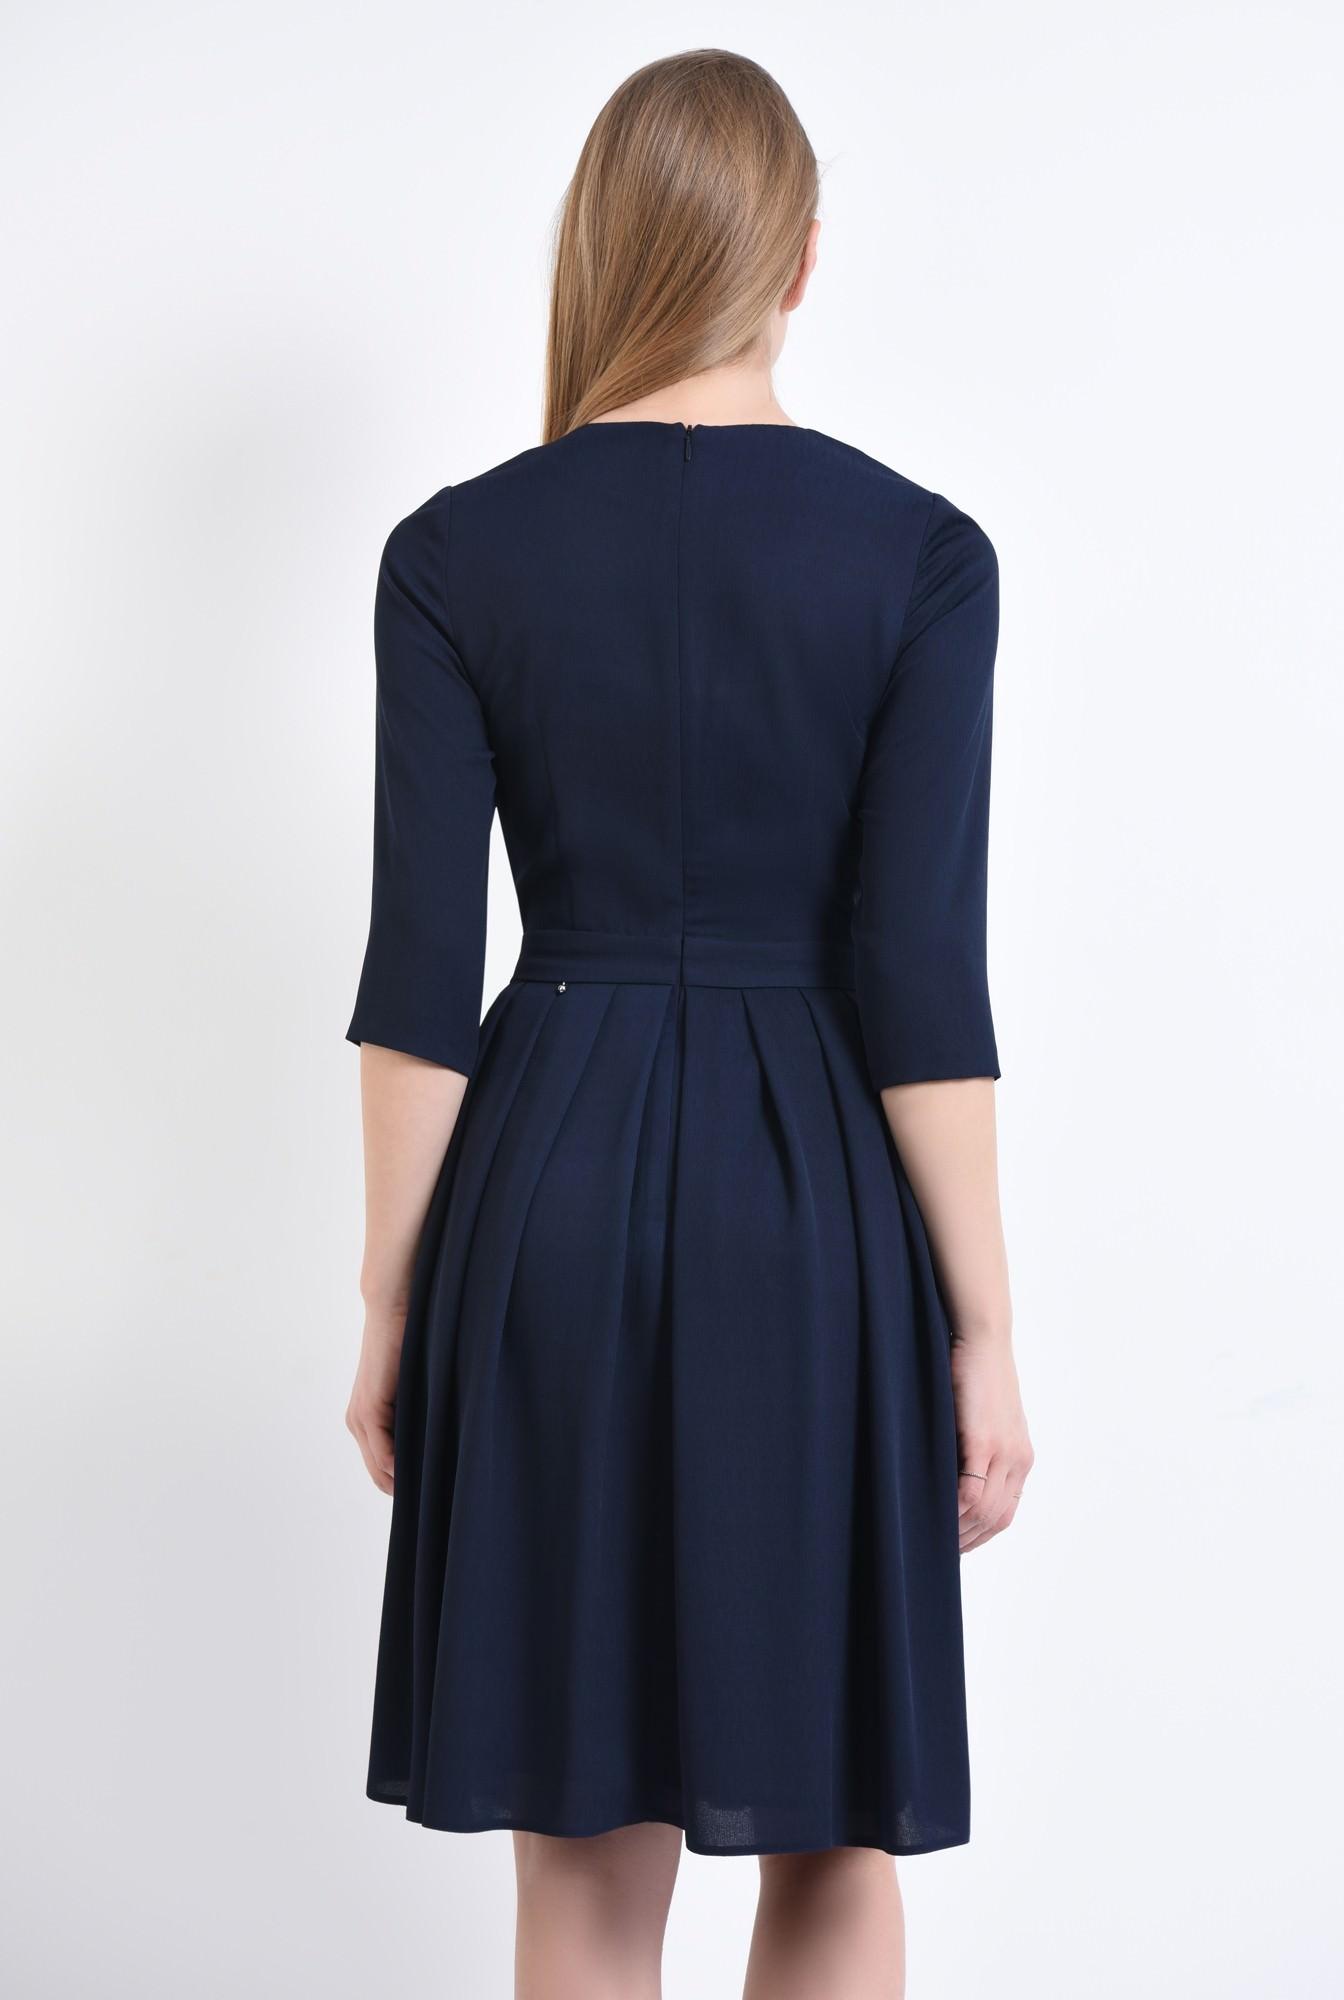 1 - Rochie casual cu funda, bleumarin